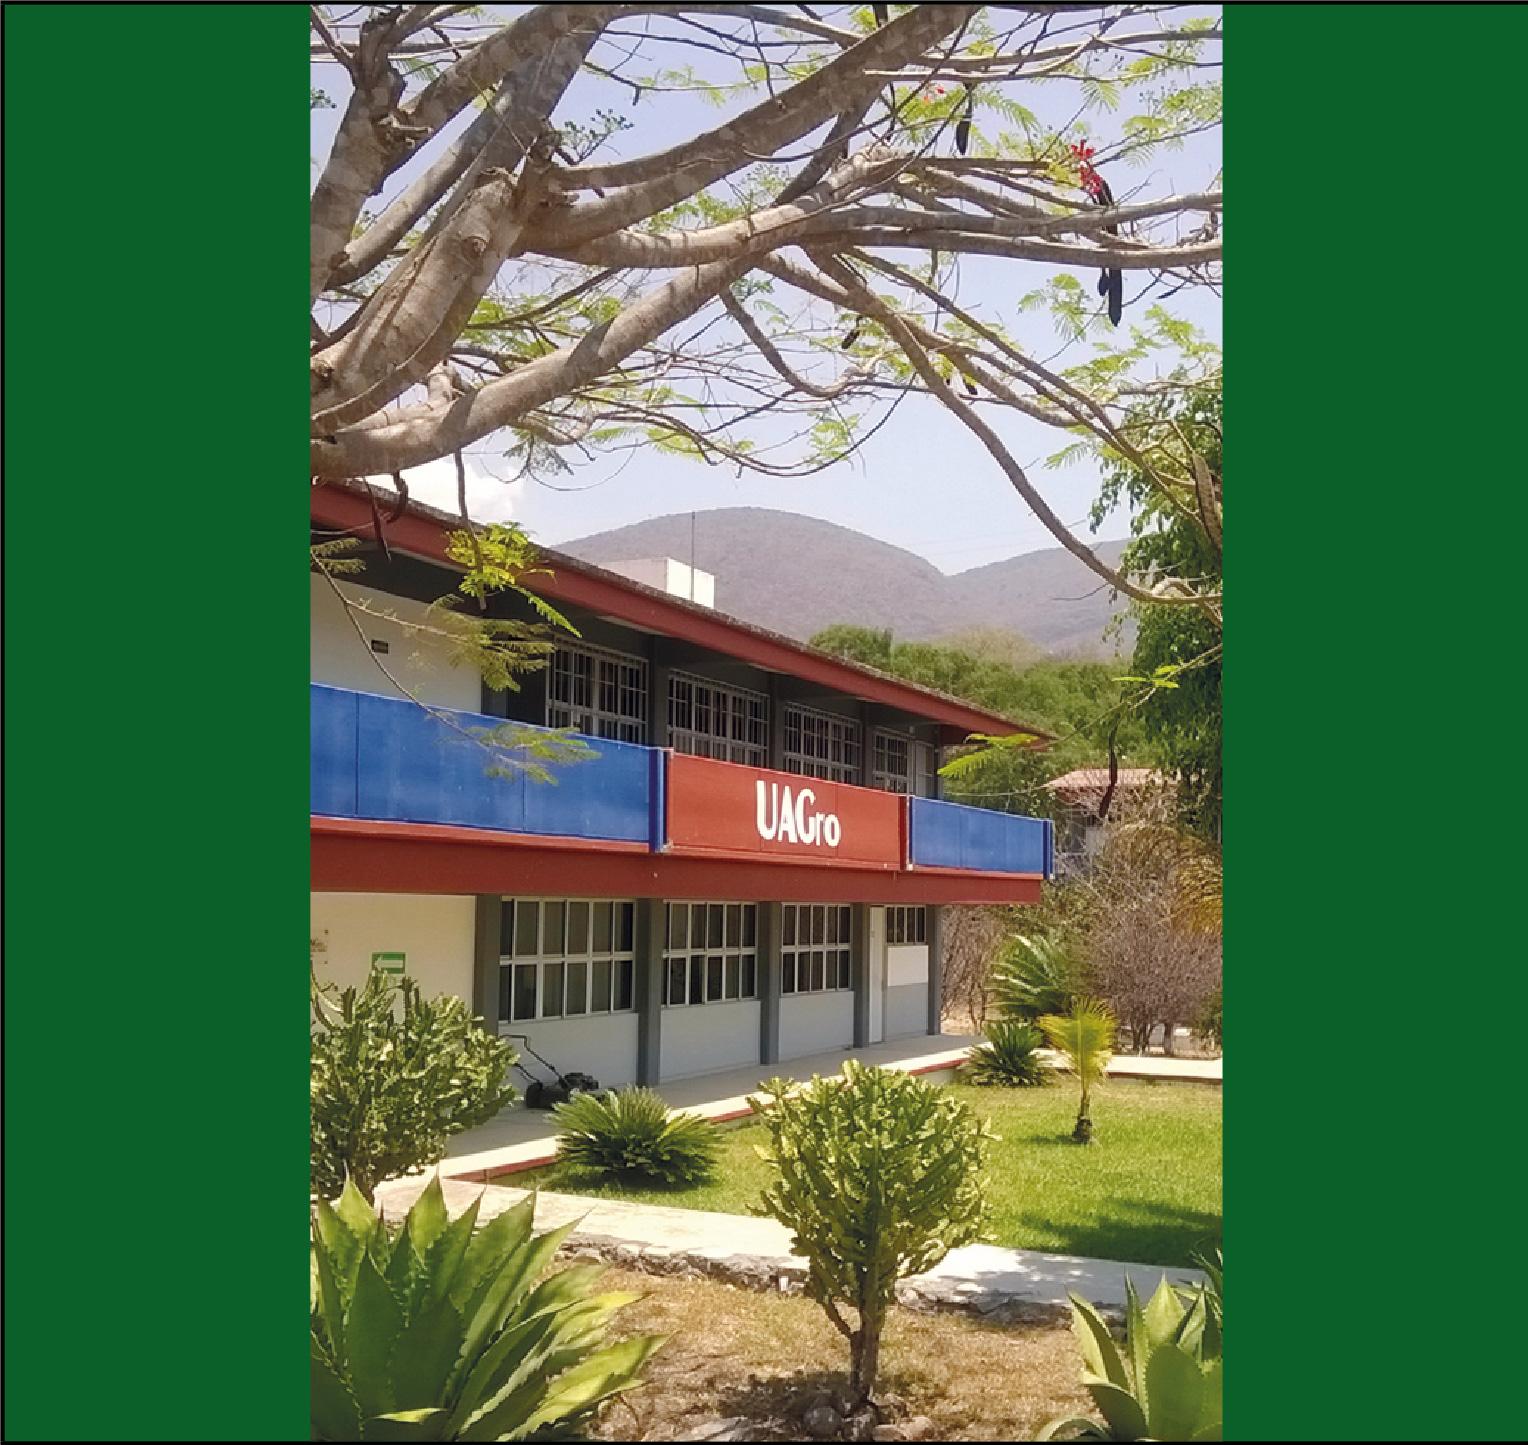 Unidad Académica de Ciencias de la Tierra de la Universidad Autónoma de Guerrero. Taxco el Viejo, Guerrero